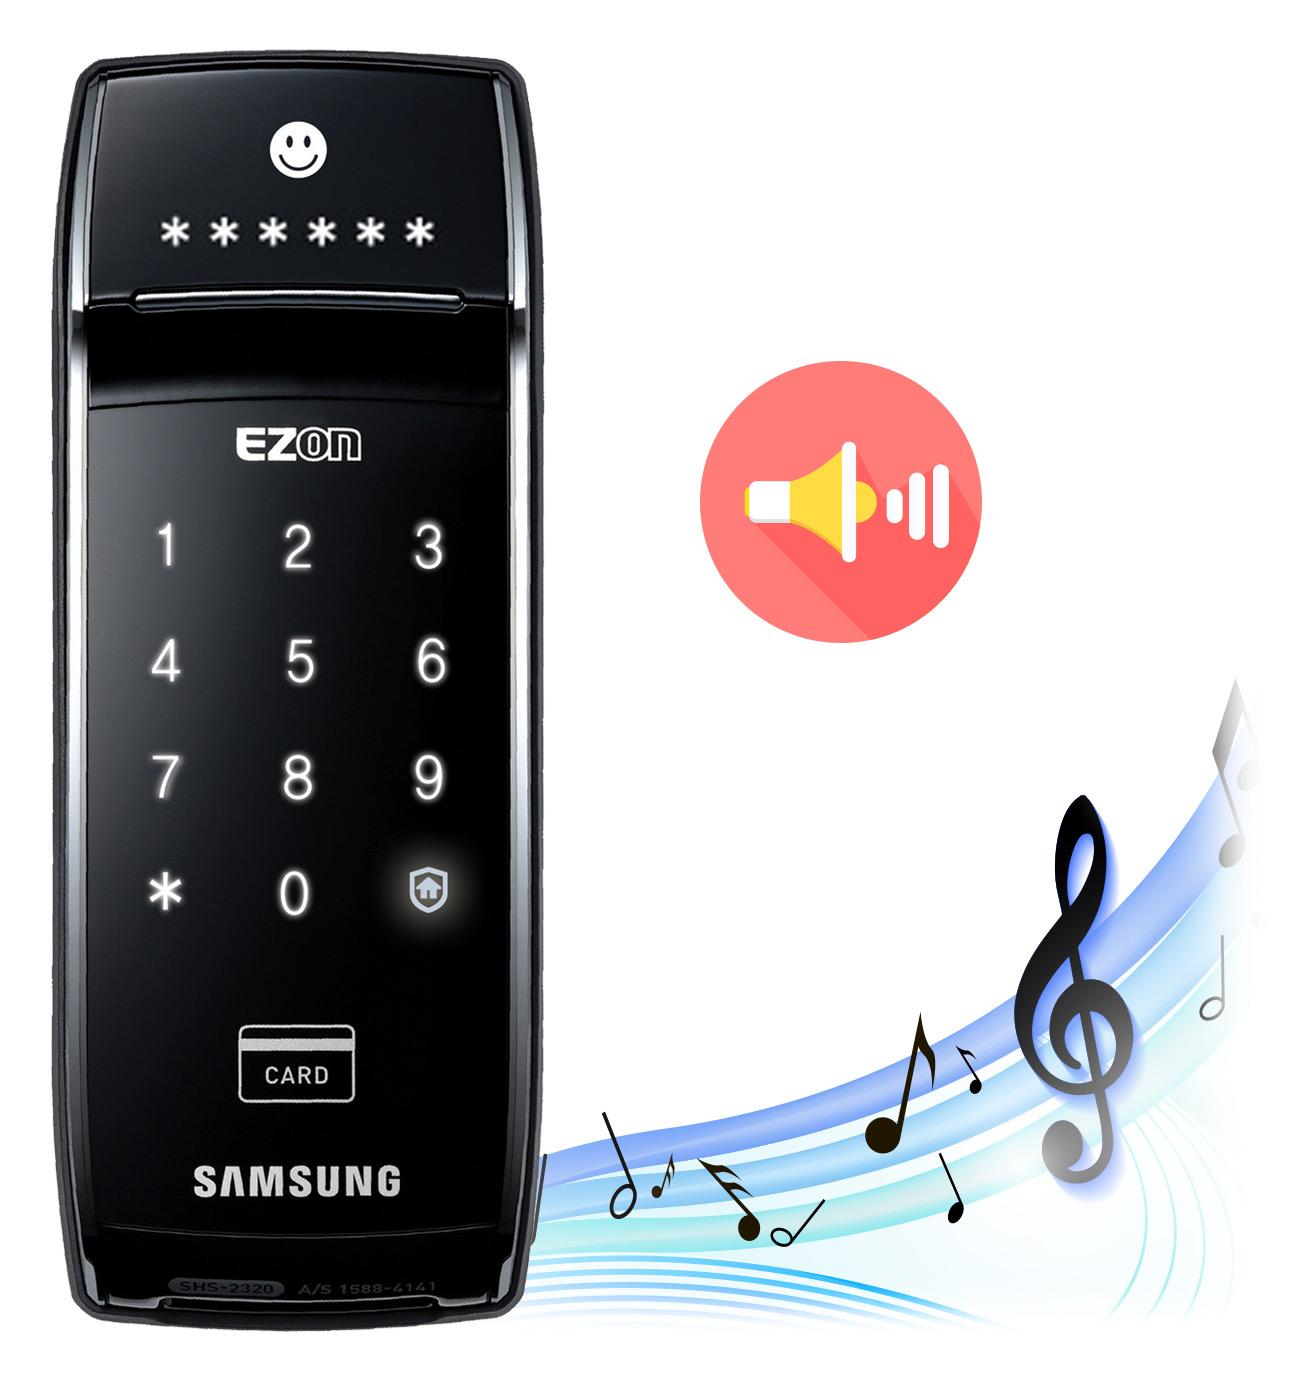 กลอนประตู ล็อคระบบดิจิตอล Samsung ซัมซุง SHS-2320 บานเลื่อน